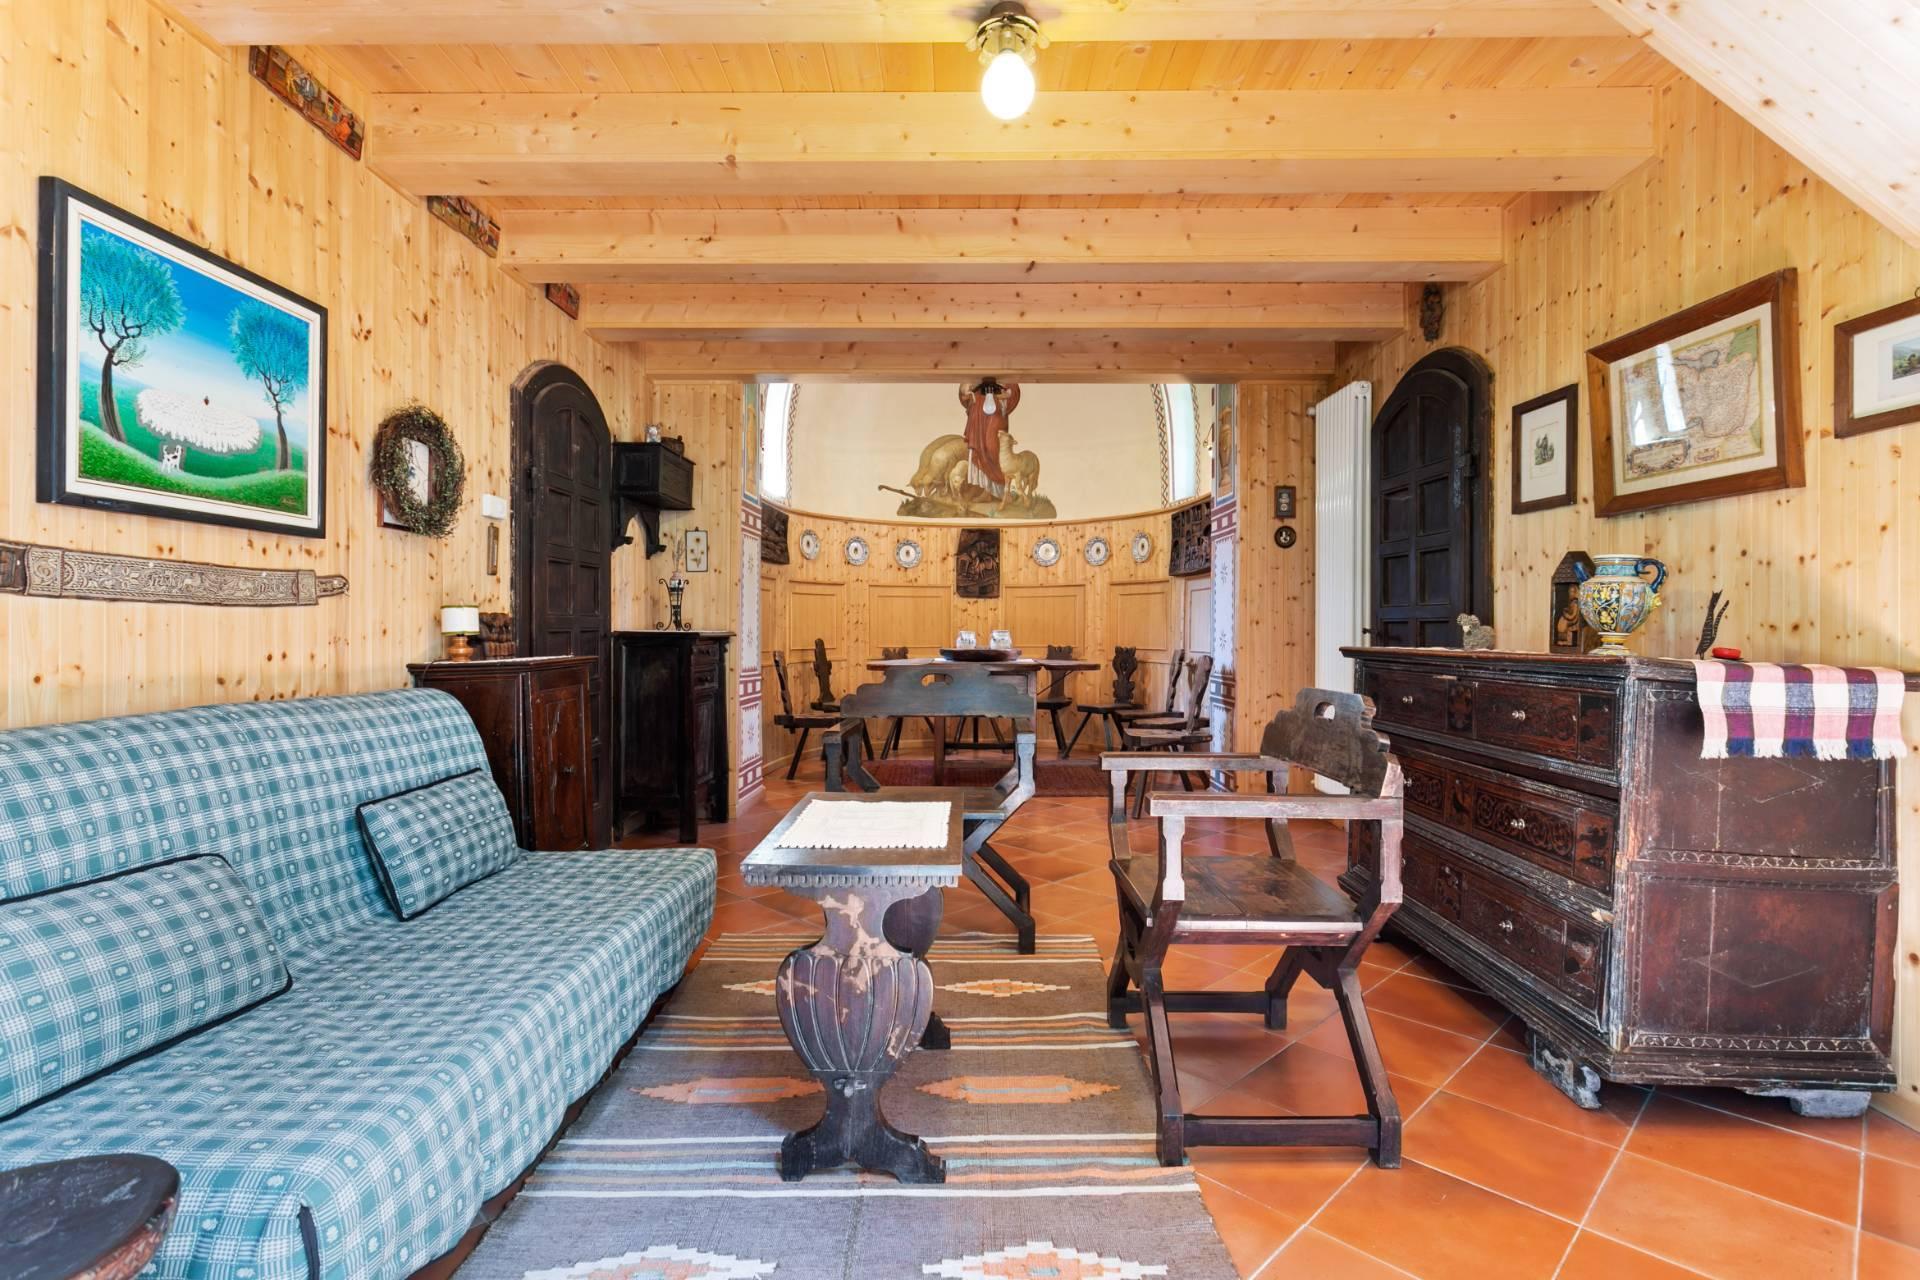 Casa indipendente in Vendita a Ponte Di Legno: 2 locali, 95 mq - Foto 5